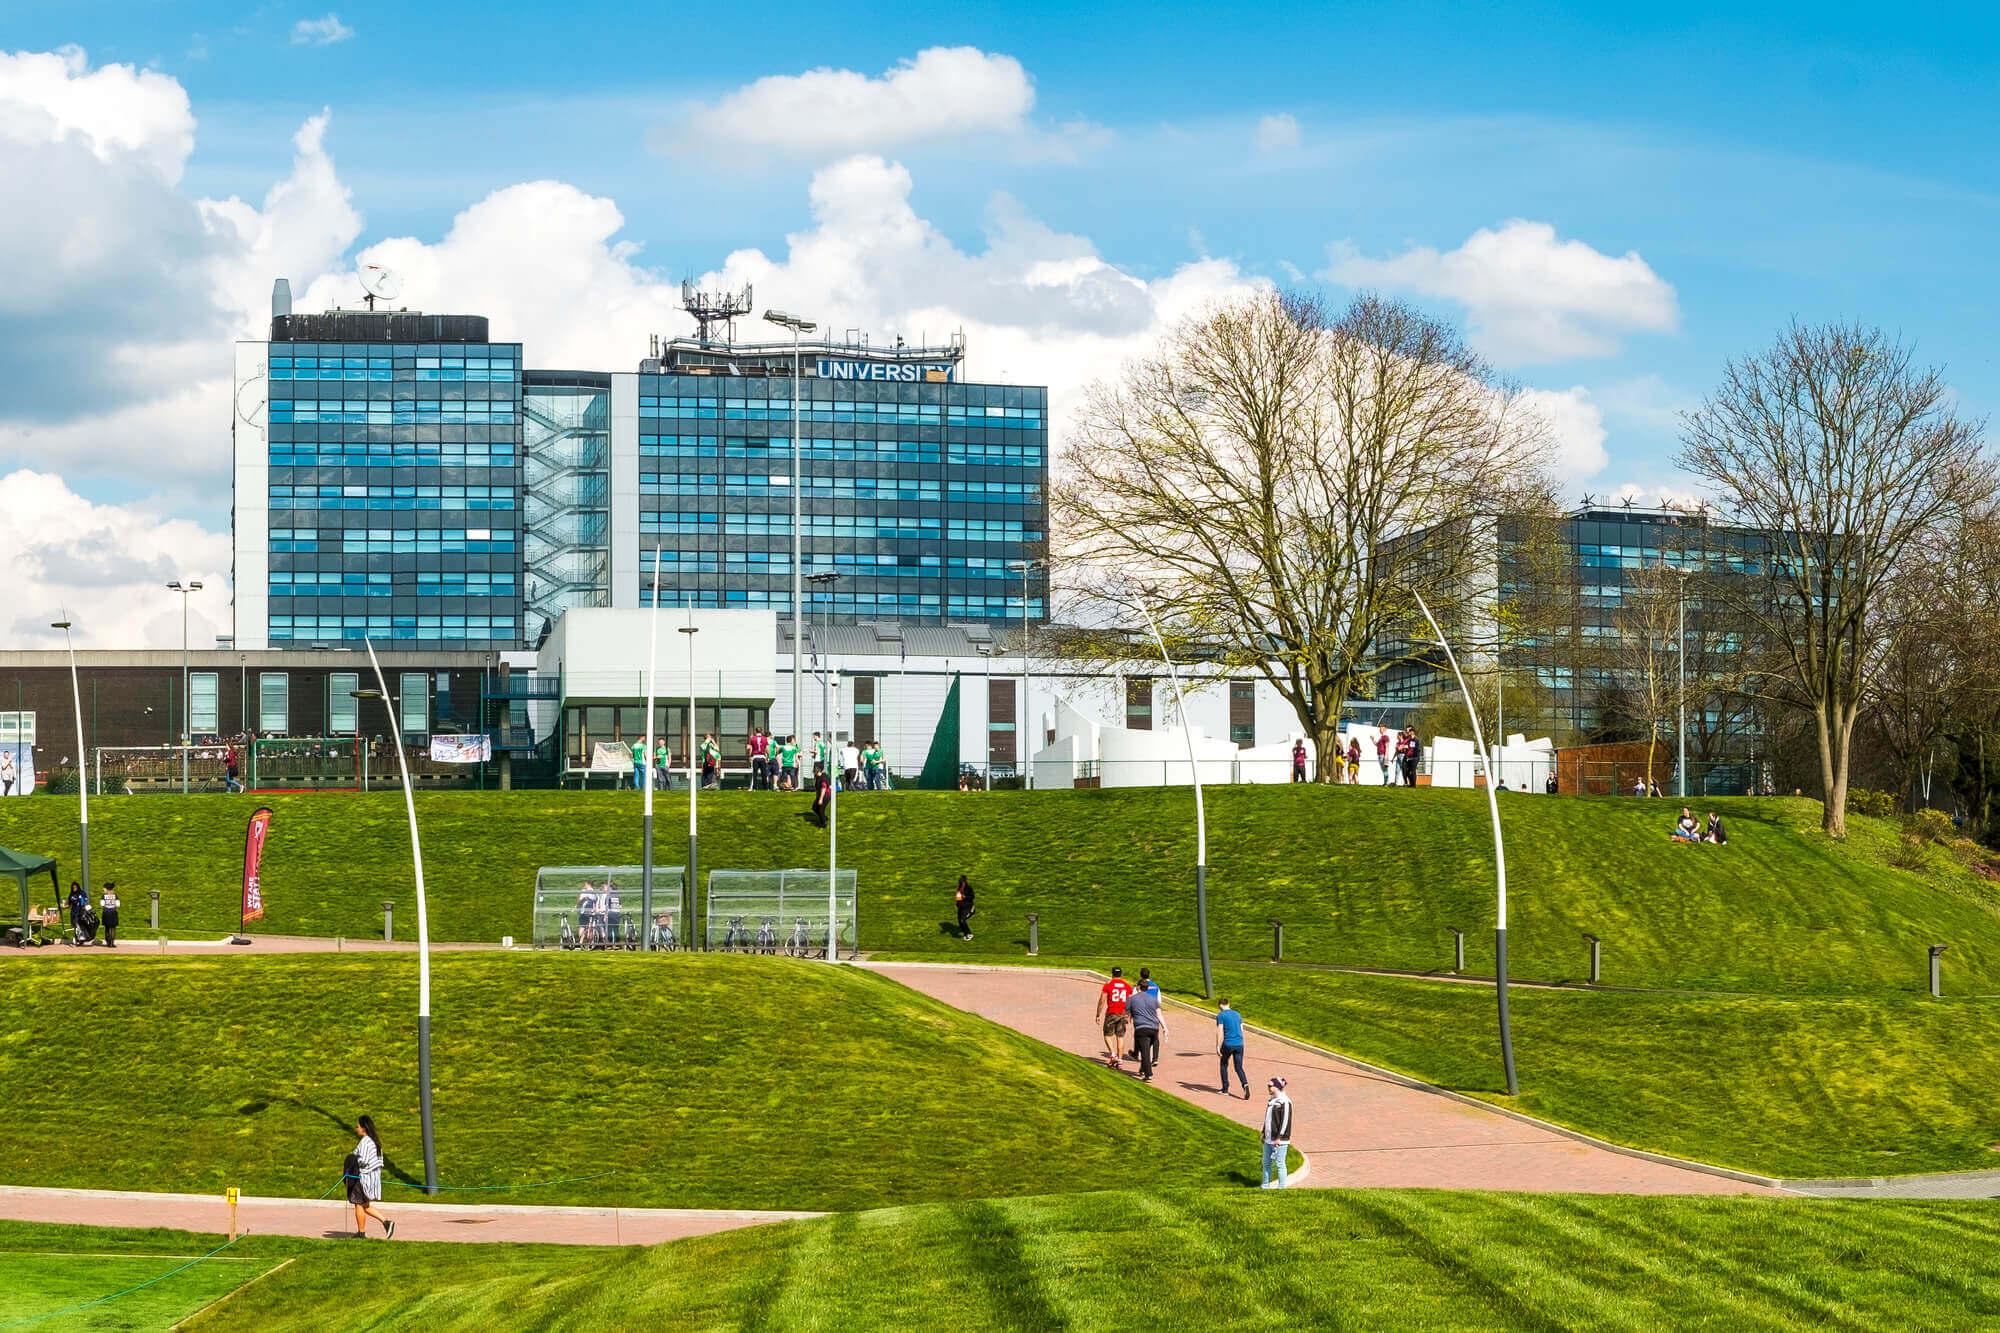 完善的设施设备和丰富的文化活动,确定不来德比大学吗?